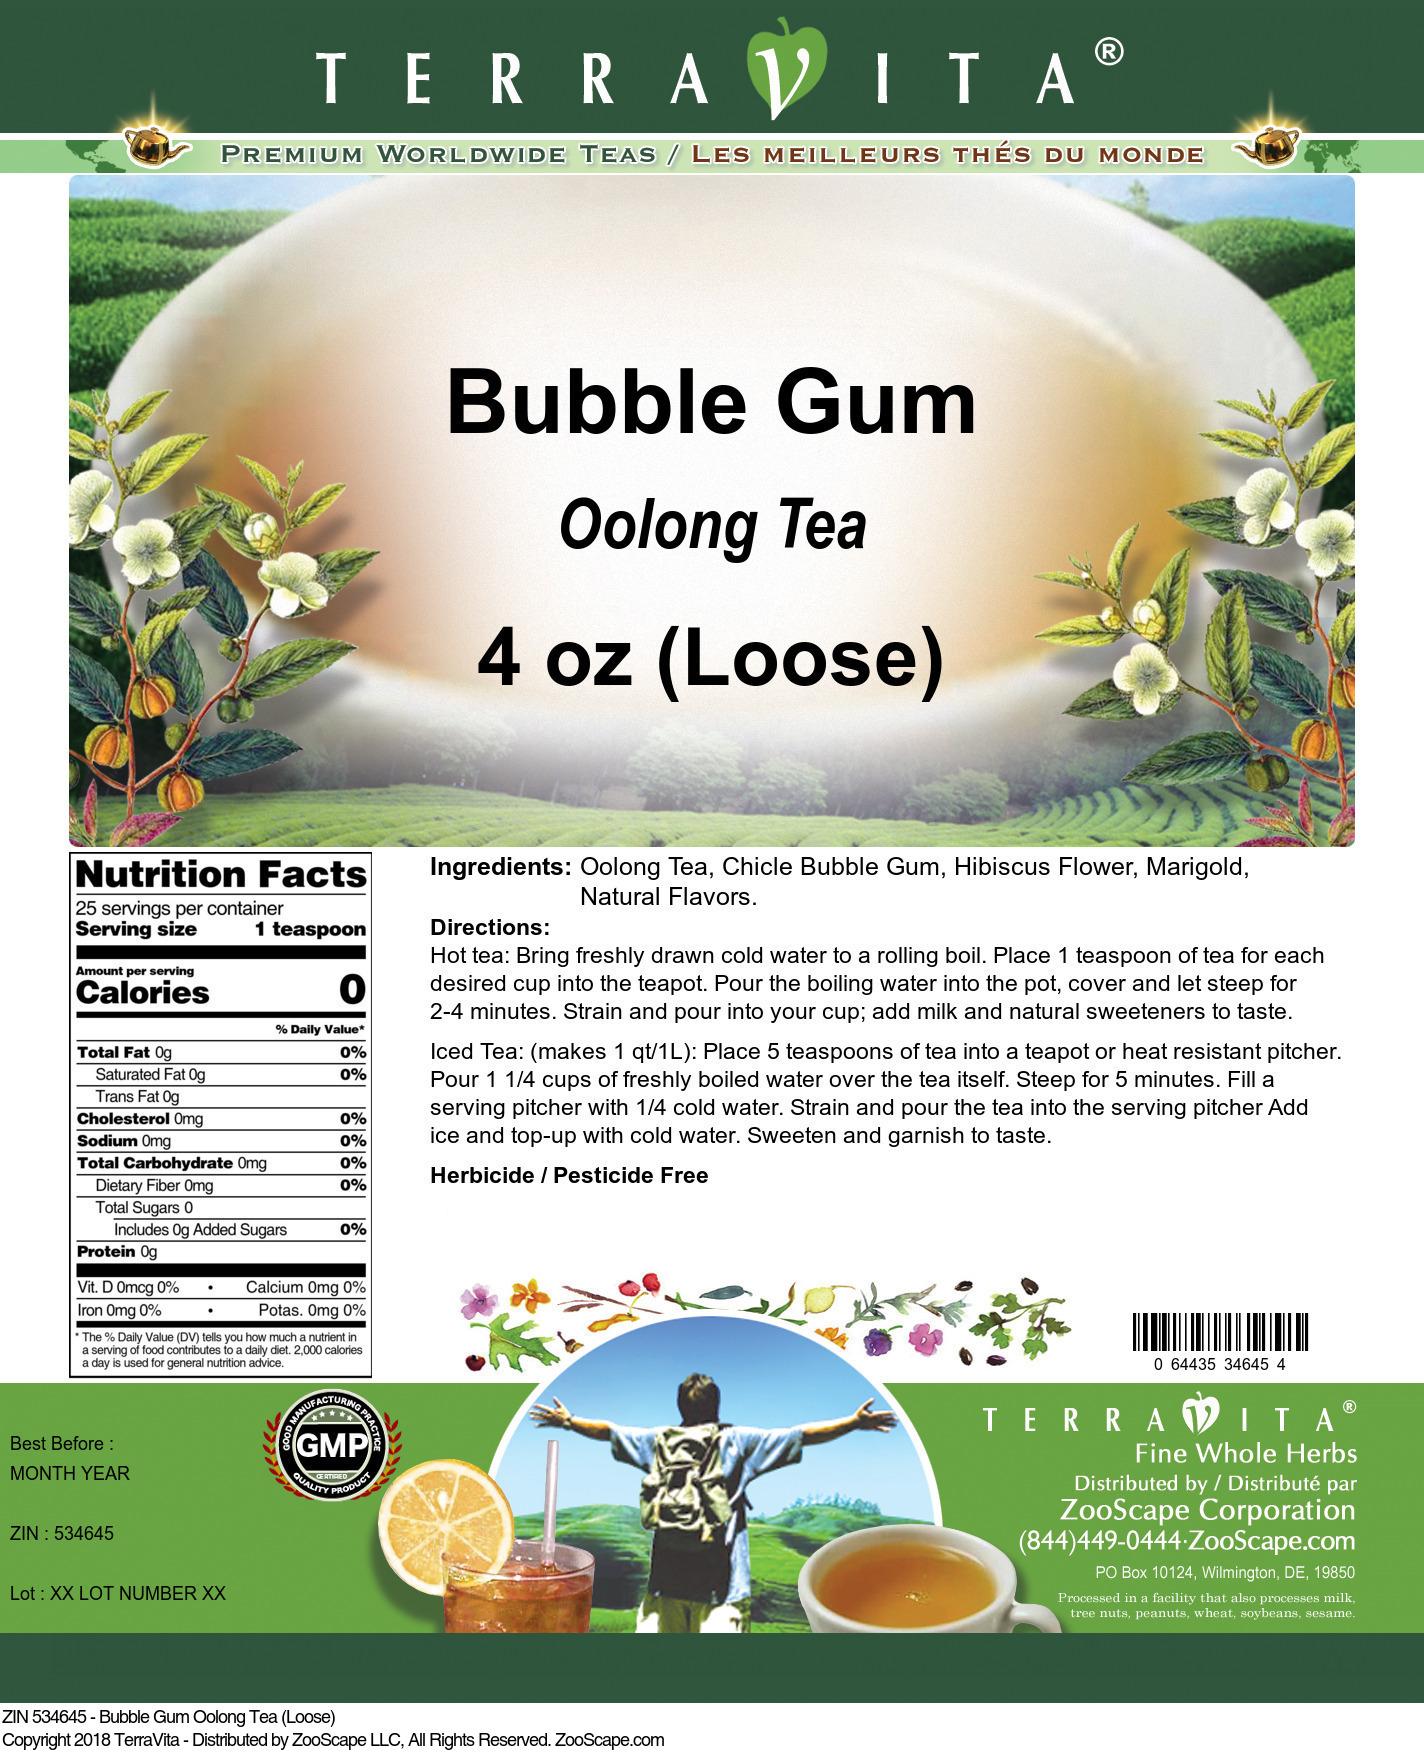 Bubble Gum Oolong Tea (Loose)